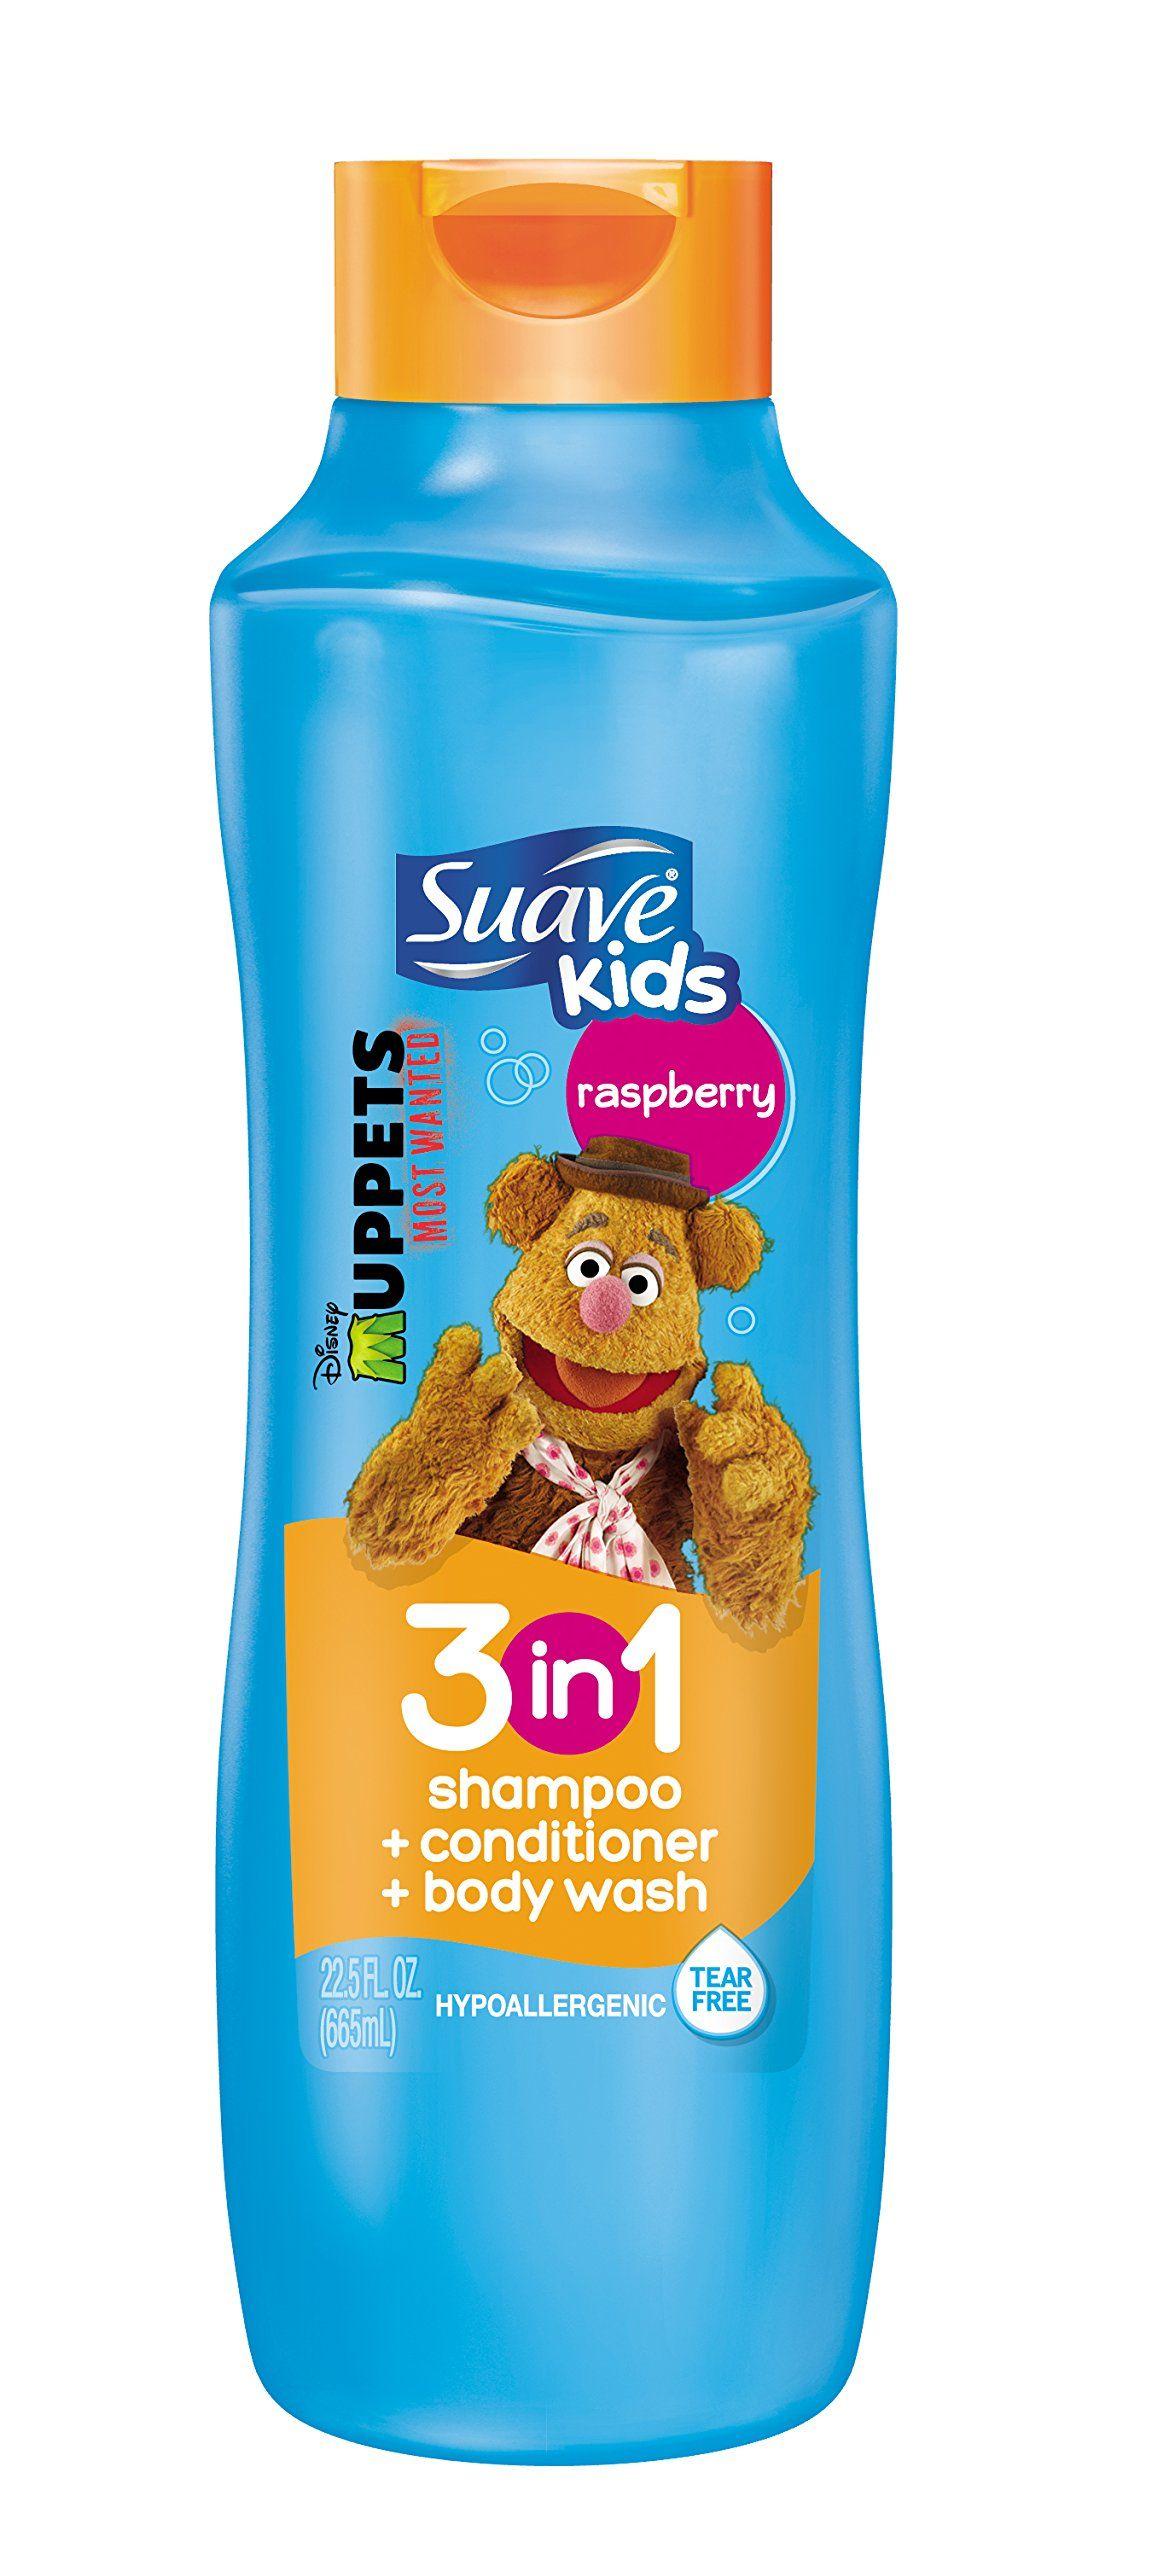 f53e36b24895 Suave Kids 3 in 1 Shampoo + Conditioner + Body Wash, Raspberry 22.5 ...